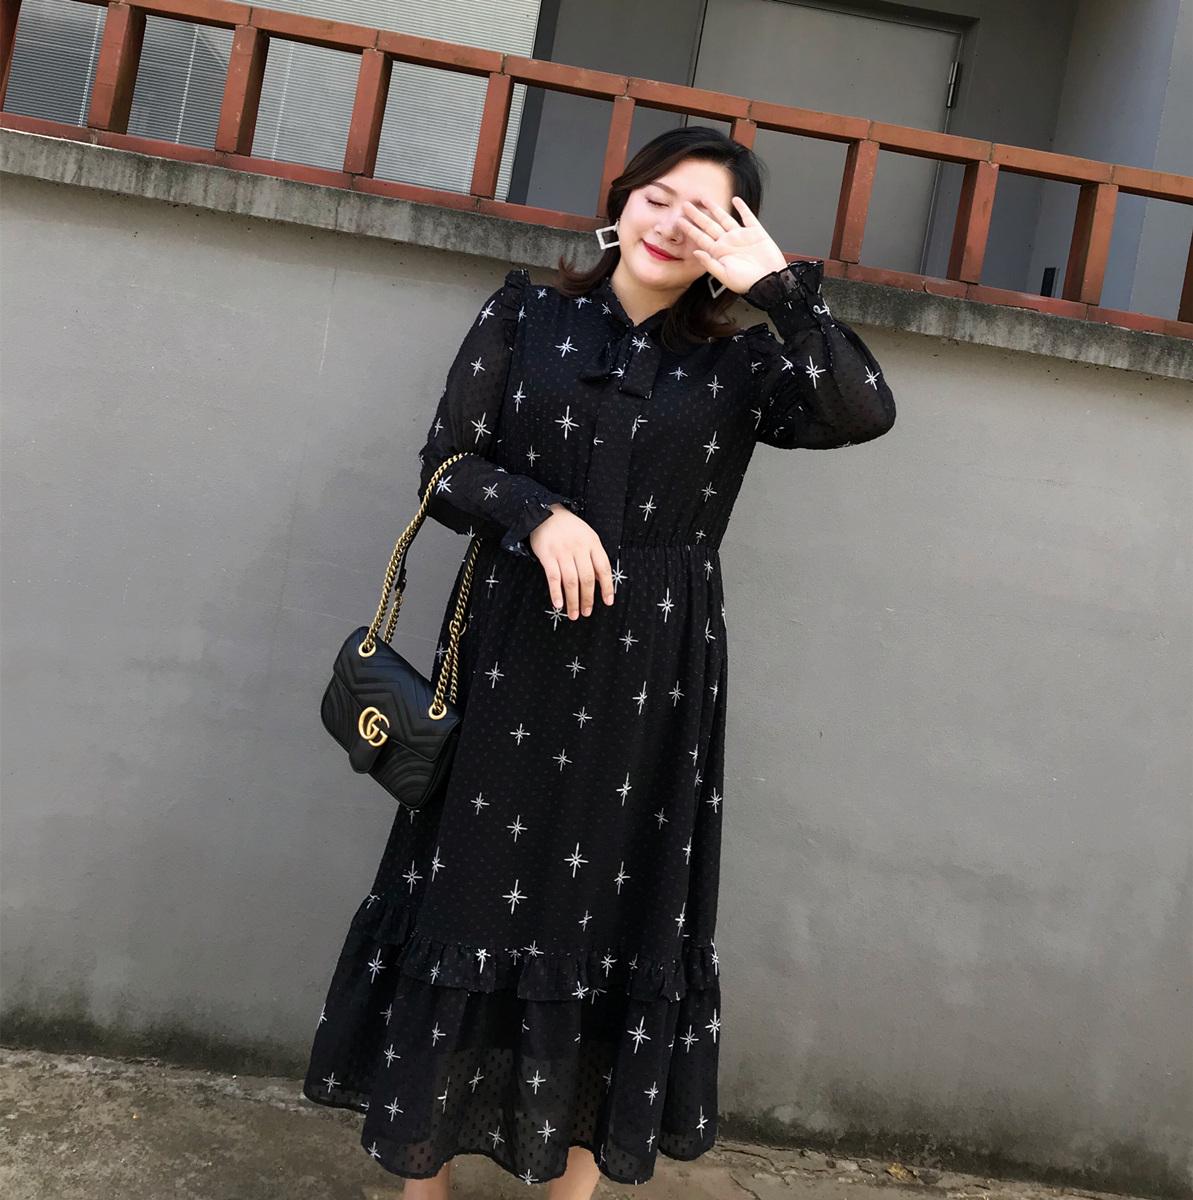 肉肉小姐定制大码女装2018秋冬新款提花名媛气质雪纺收腰连衣裙潮